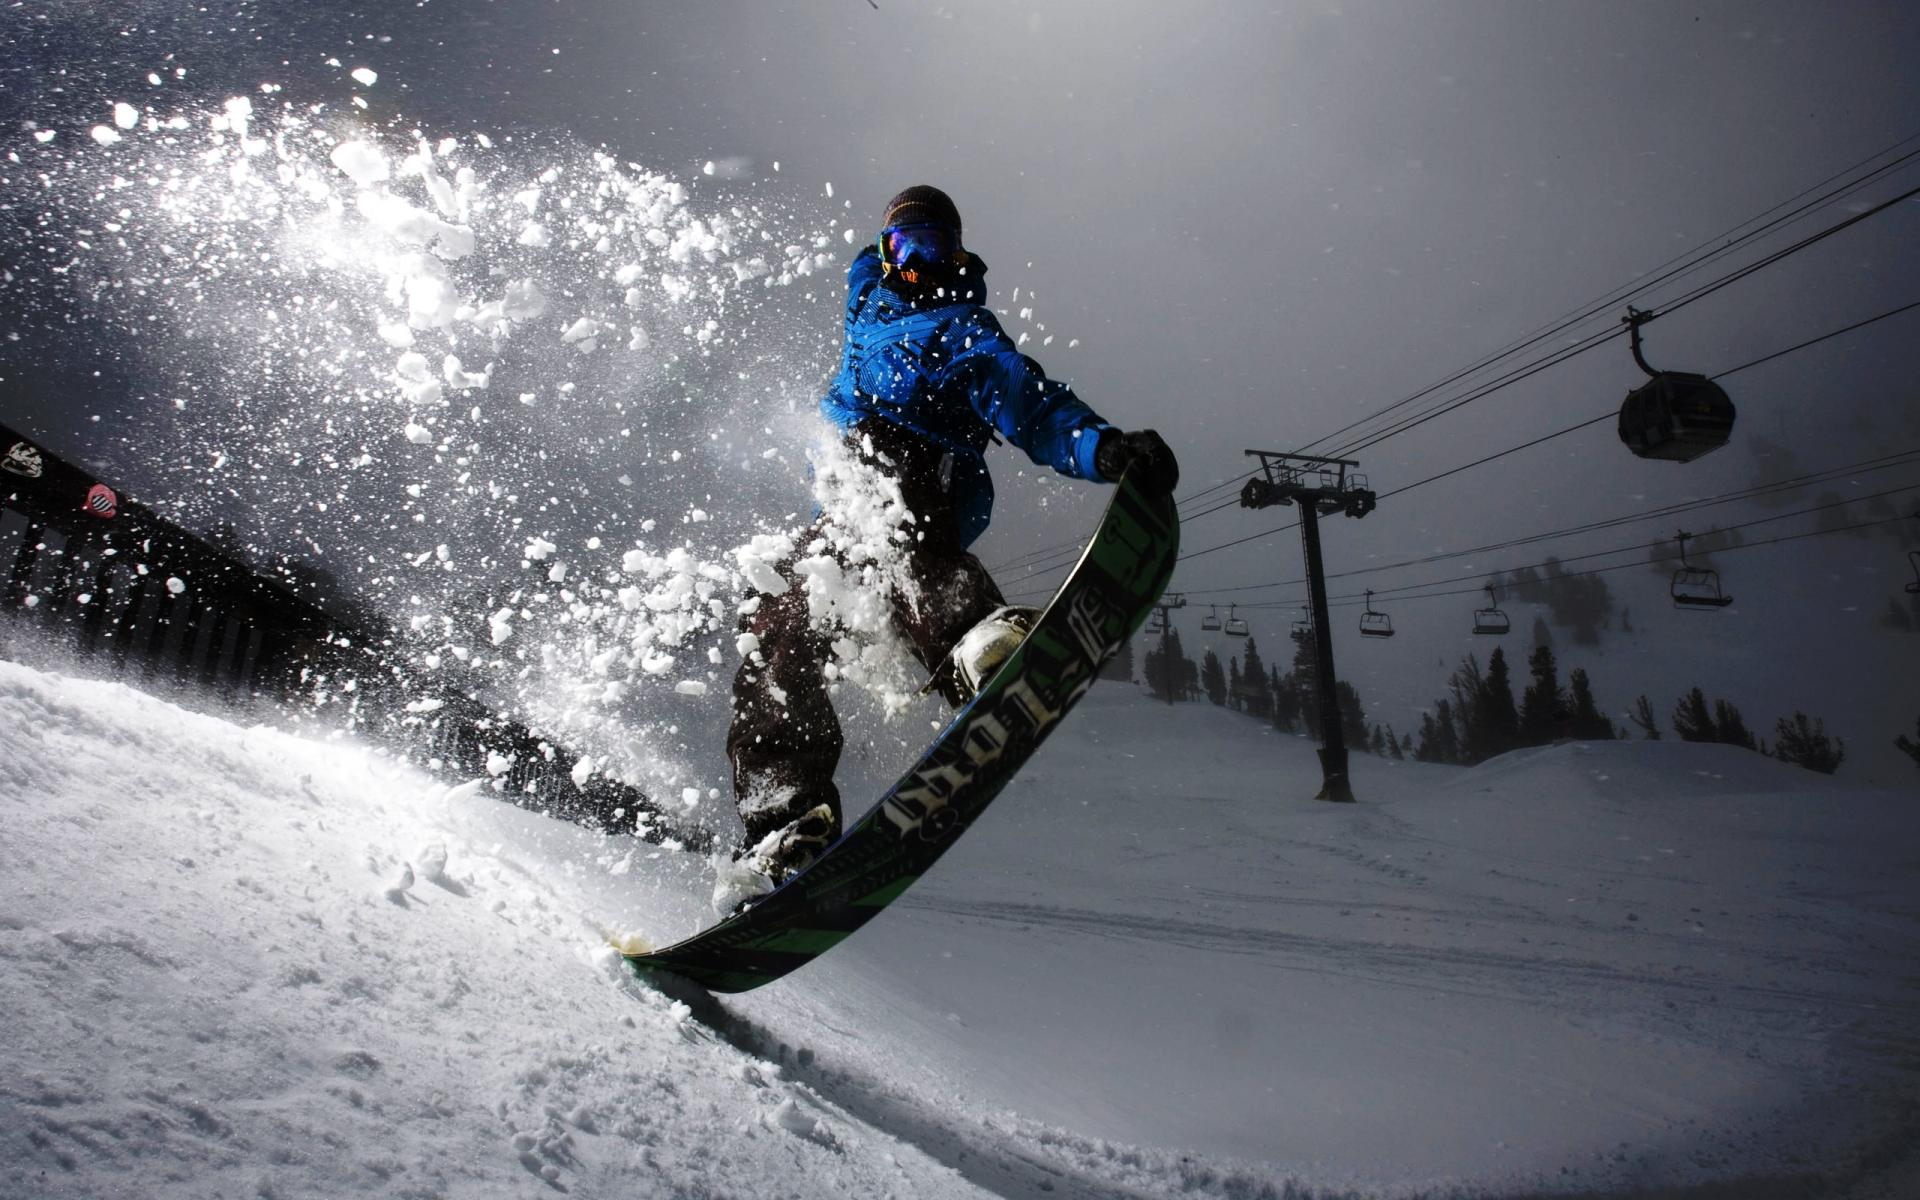 Snowboarding-Figures-desktop-wallpapers-1920x1200.jpg